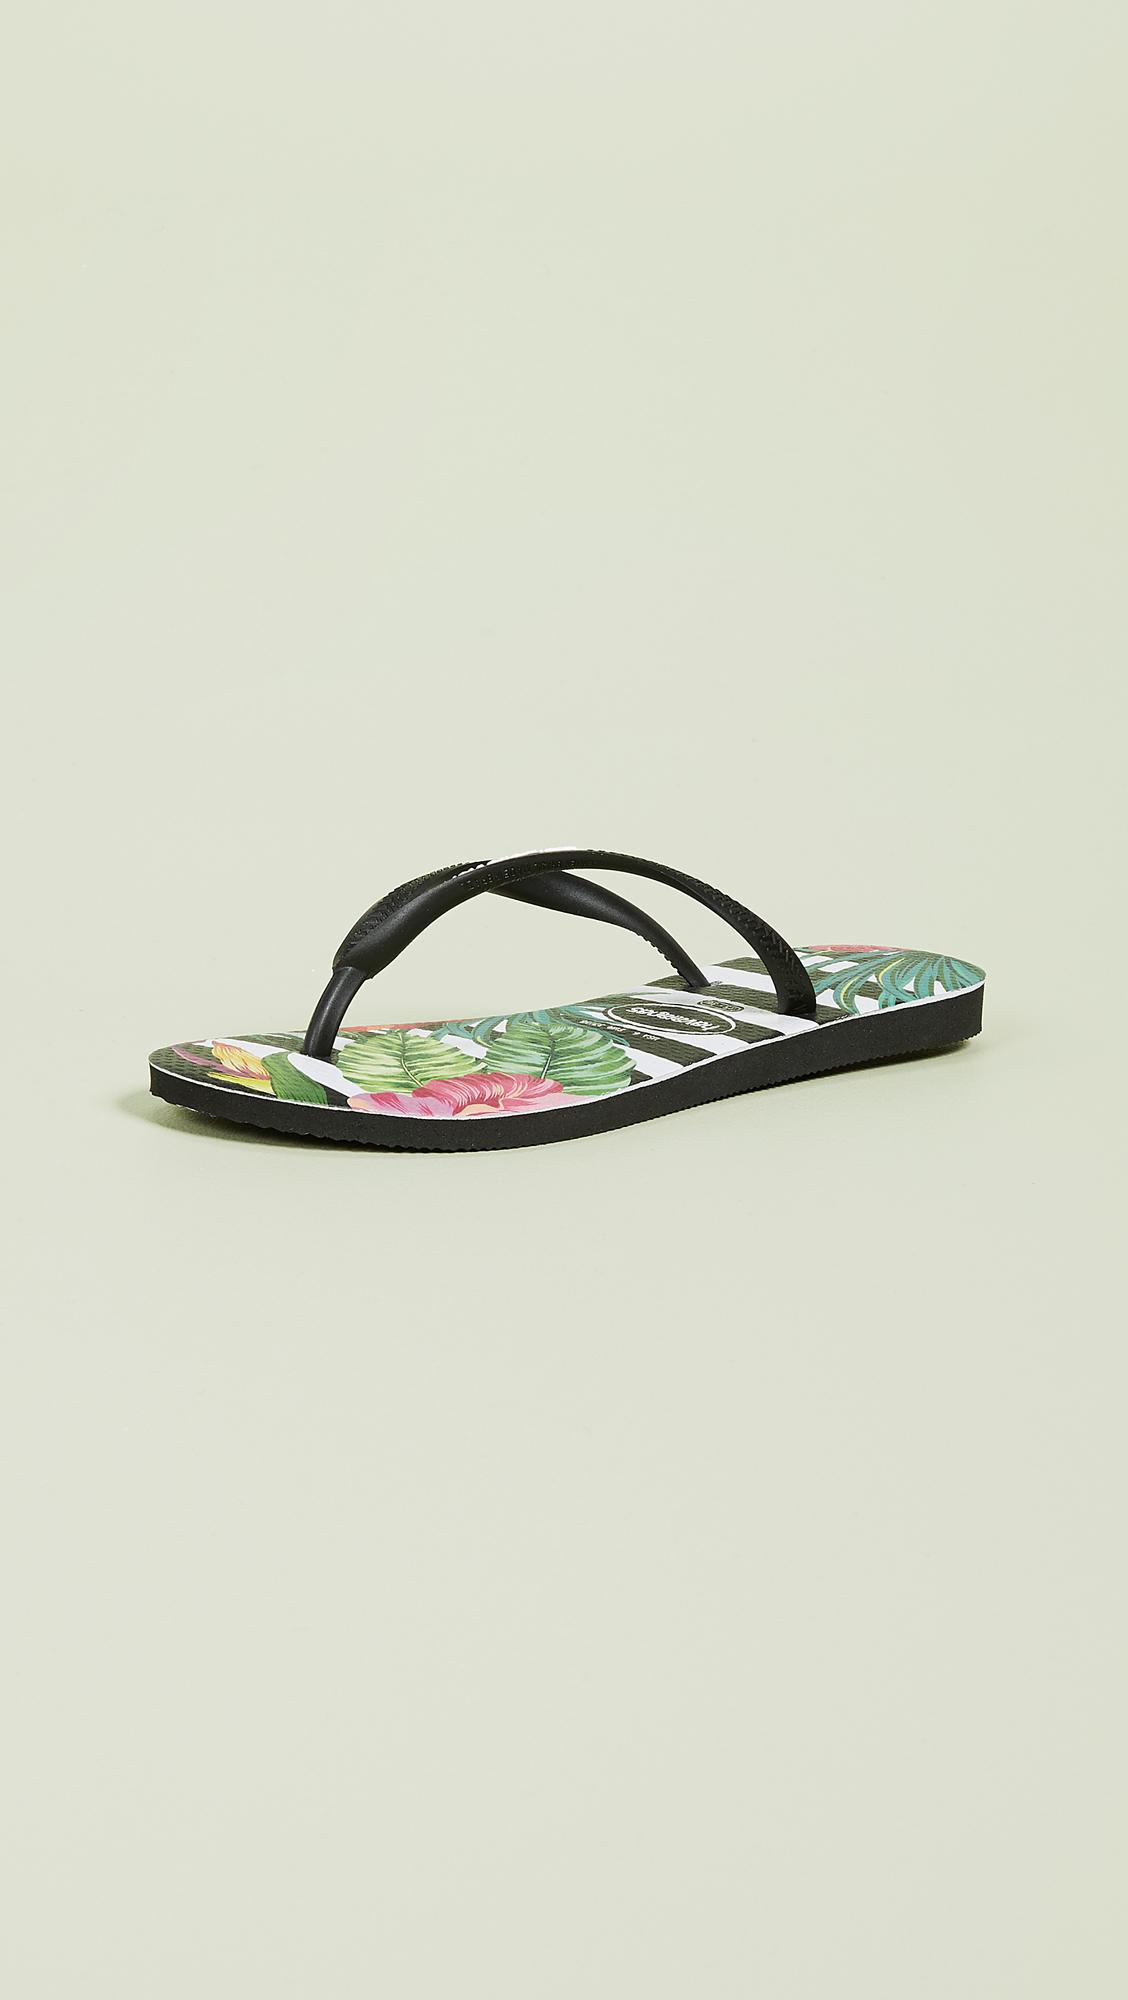 f4584112aac8 Havaianas Slim Tropical Floral Flip Flops